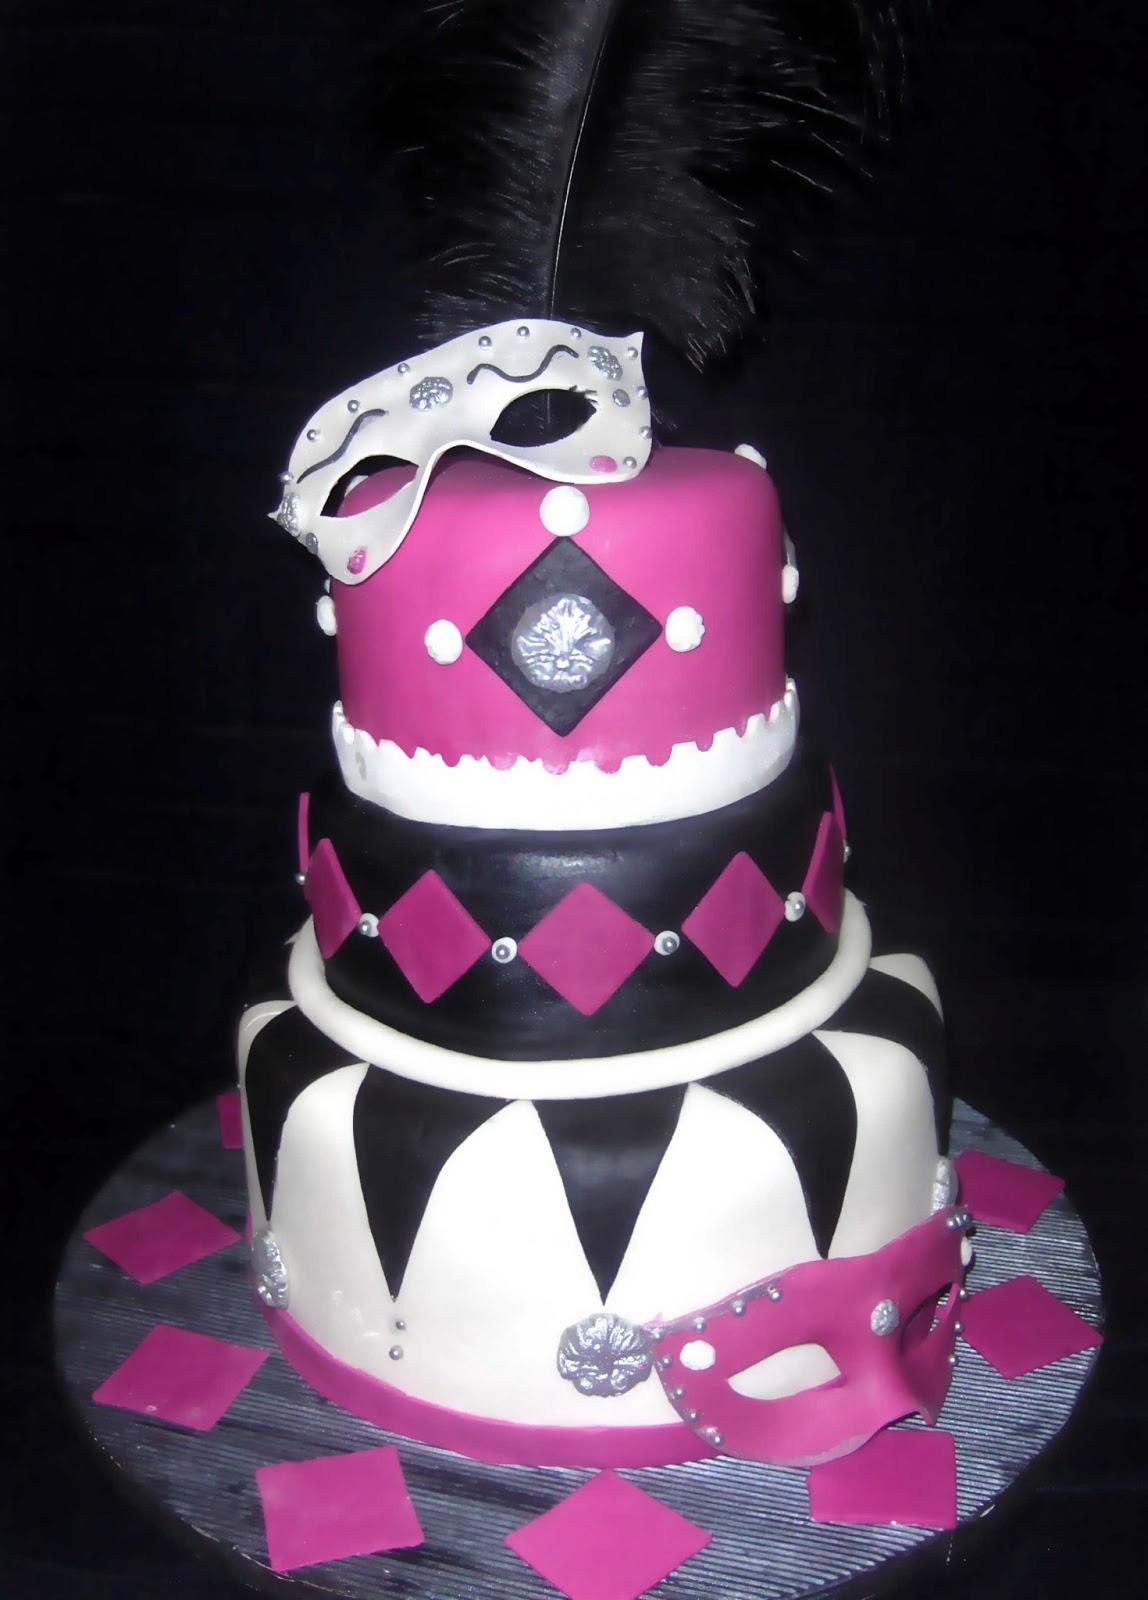 Torta de 15 años 2013 - Imagui